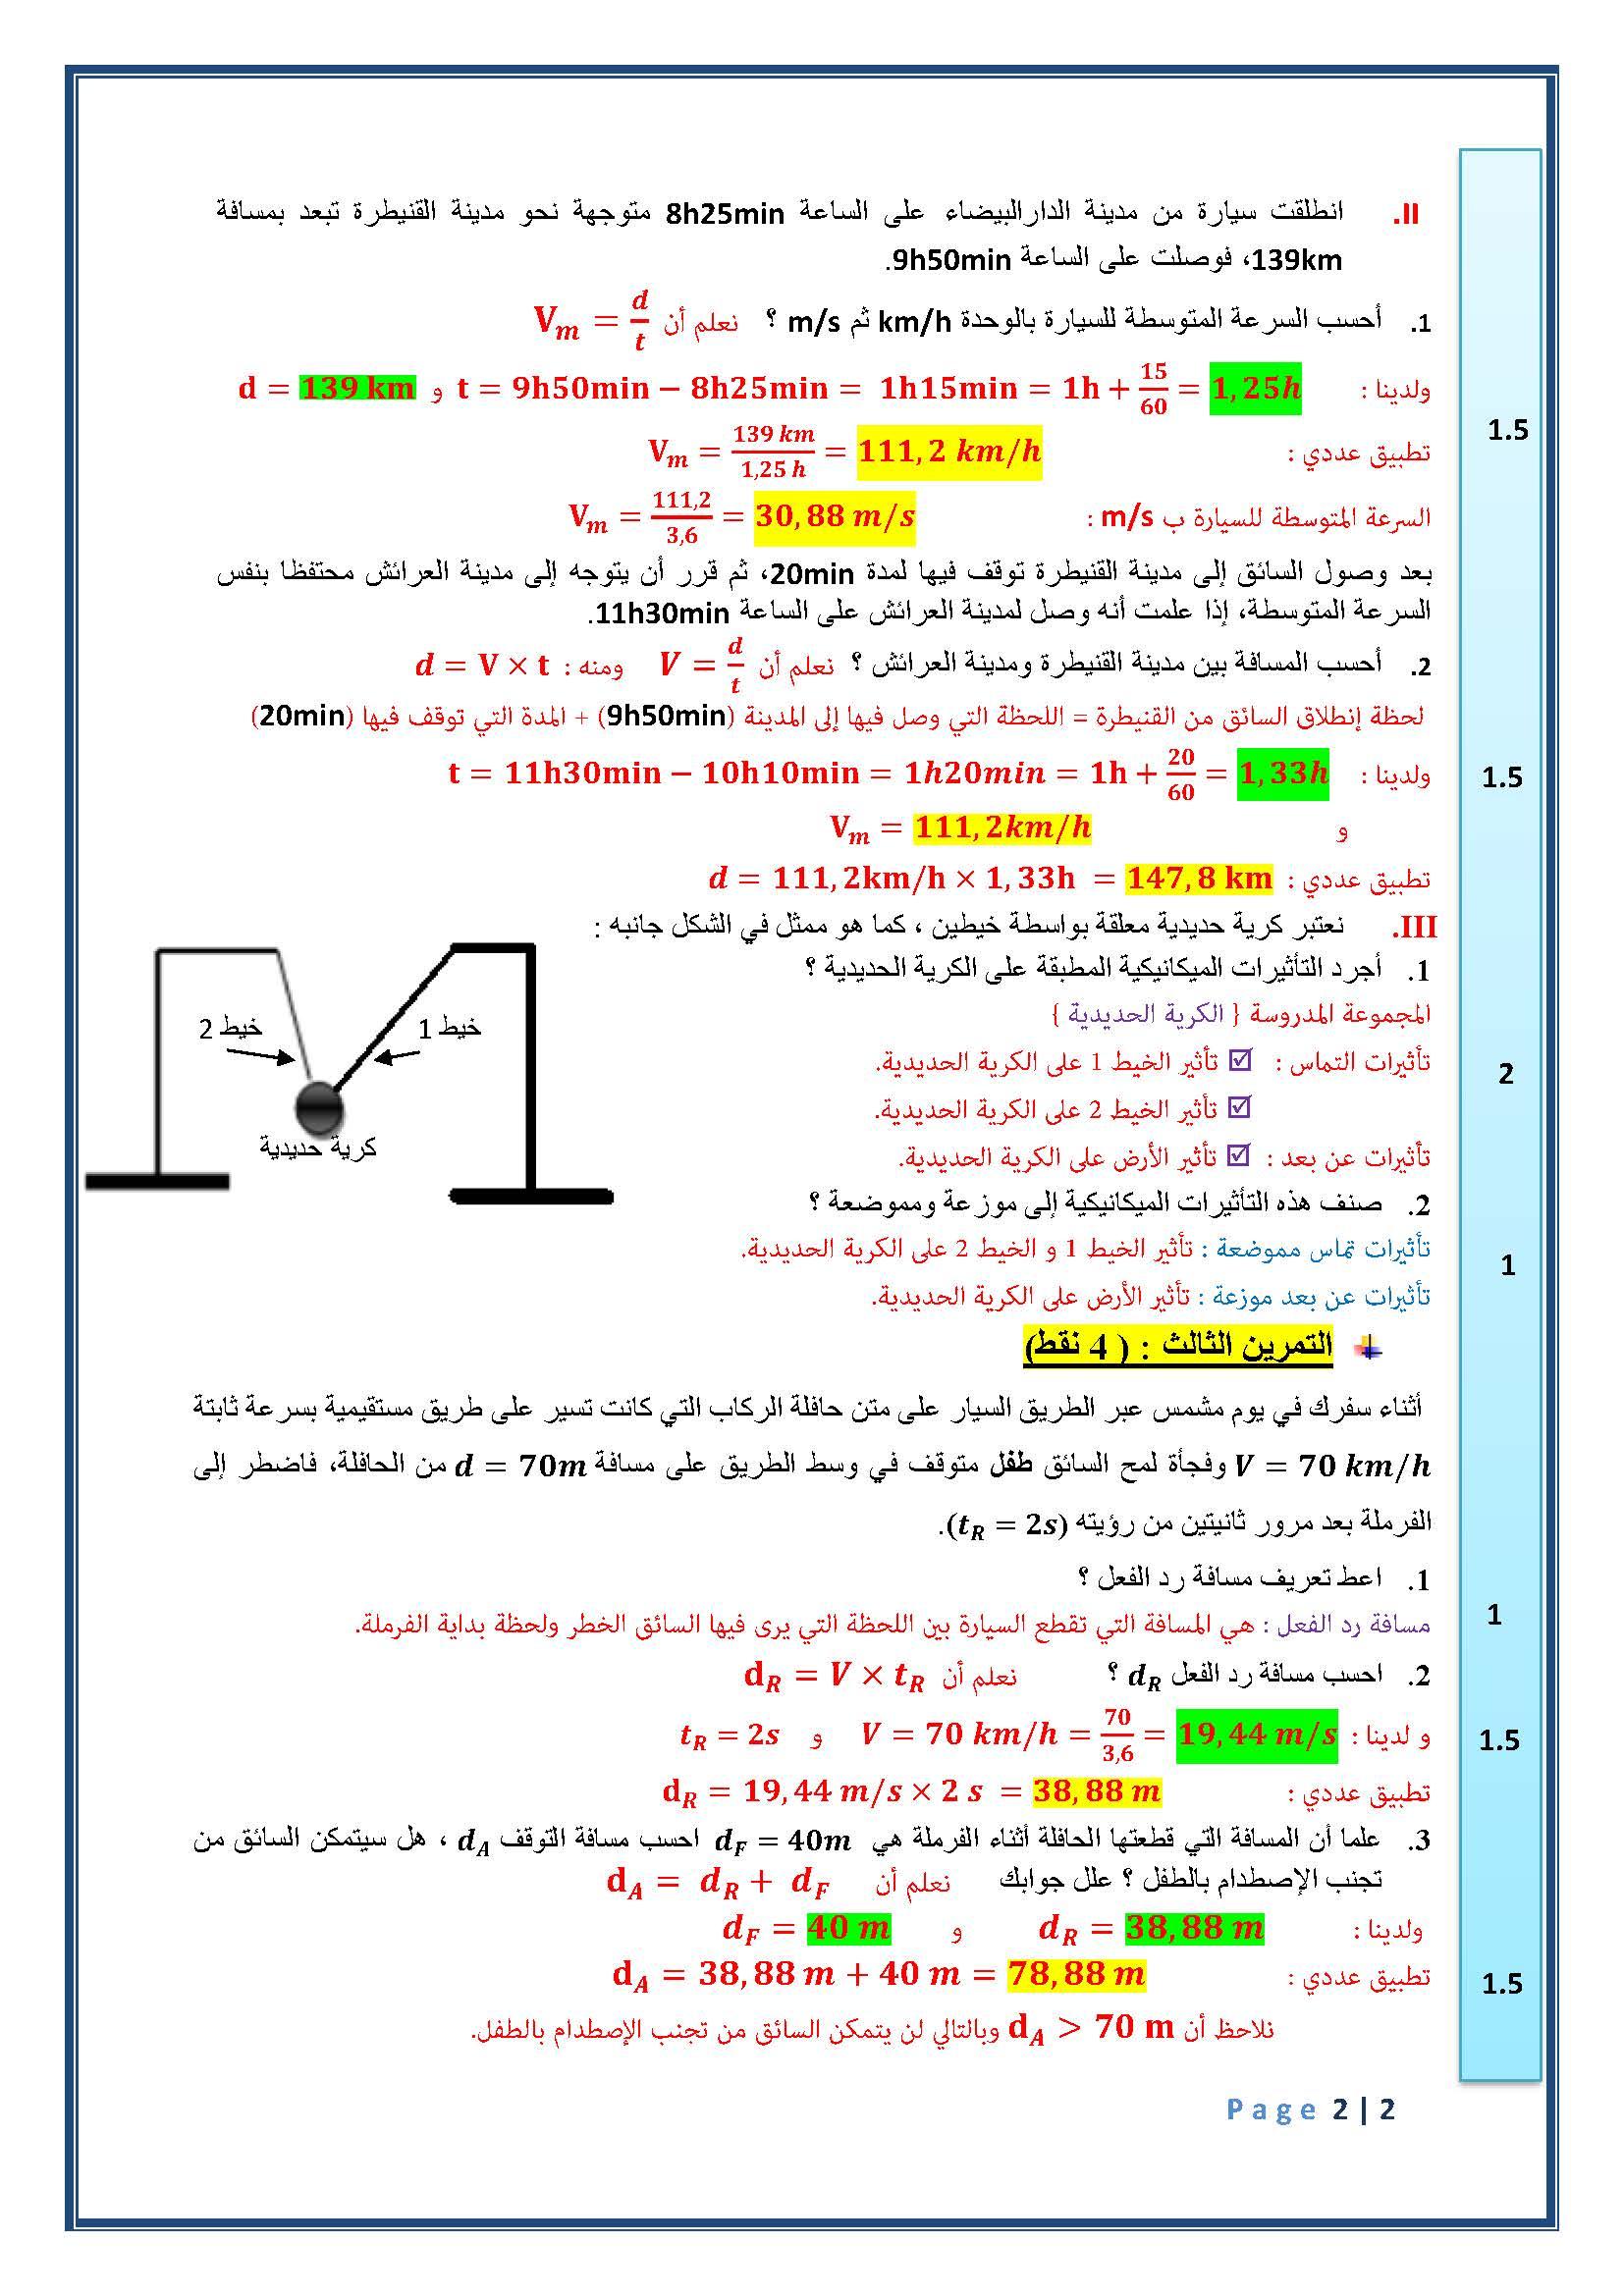 فروض الفيزياء : فرض محروس 1 + التصحيح الدورة الثانية    الثالثة إعدادي